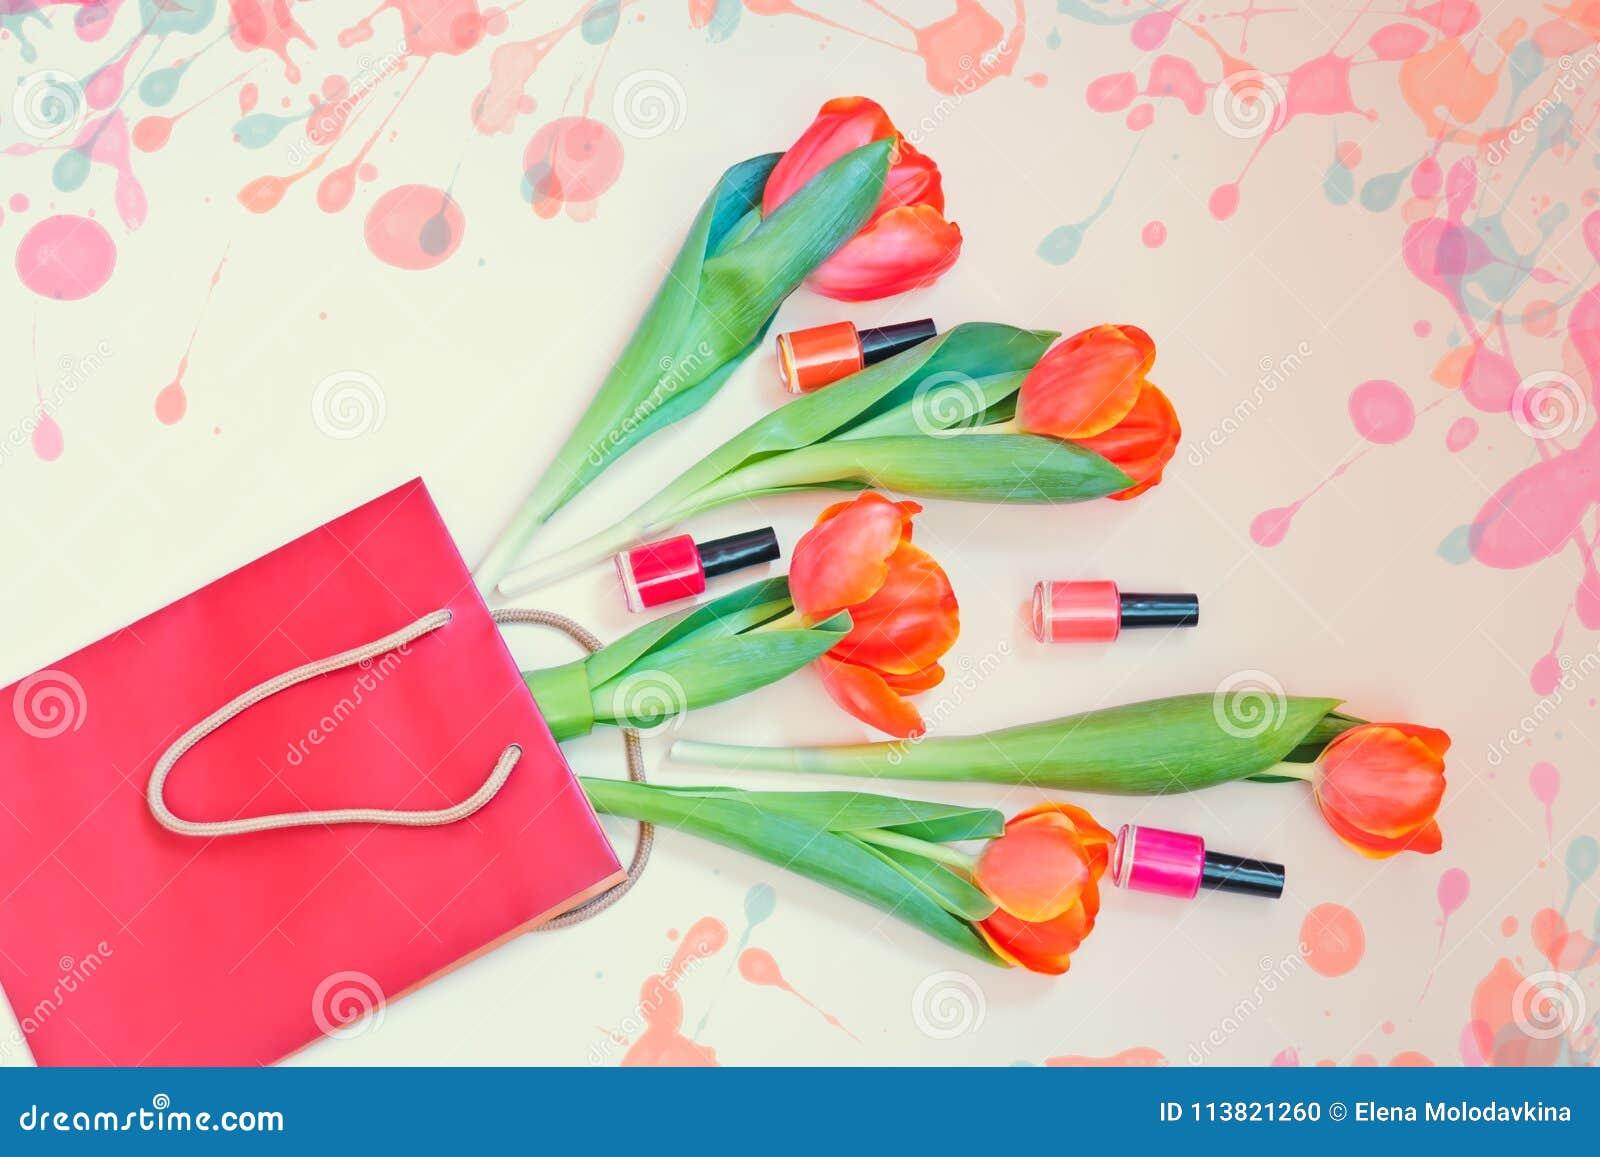 Flores Y Esmaltes De Uñas Anaranjados Frescos Del Tulipán En Bolsa ...